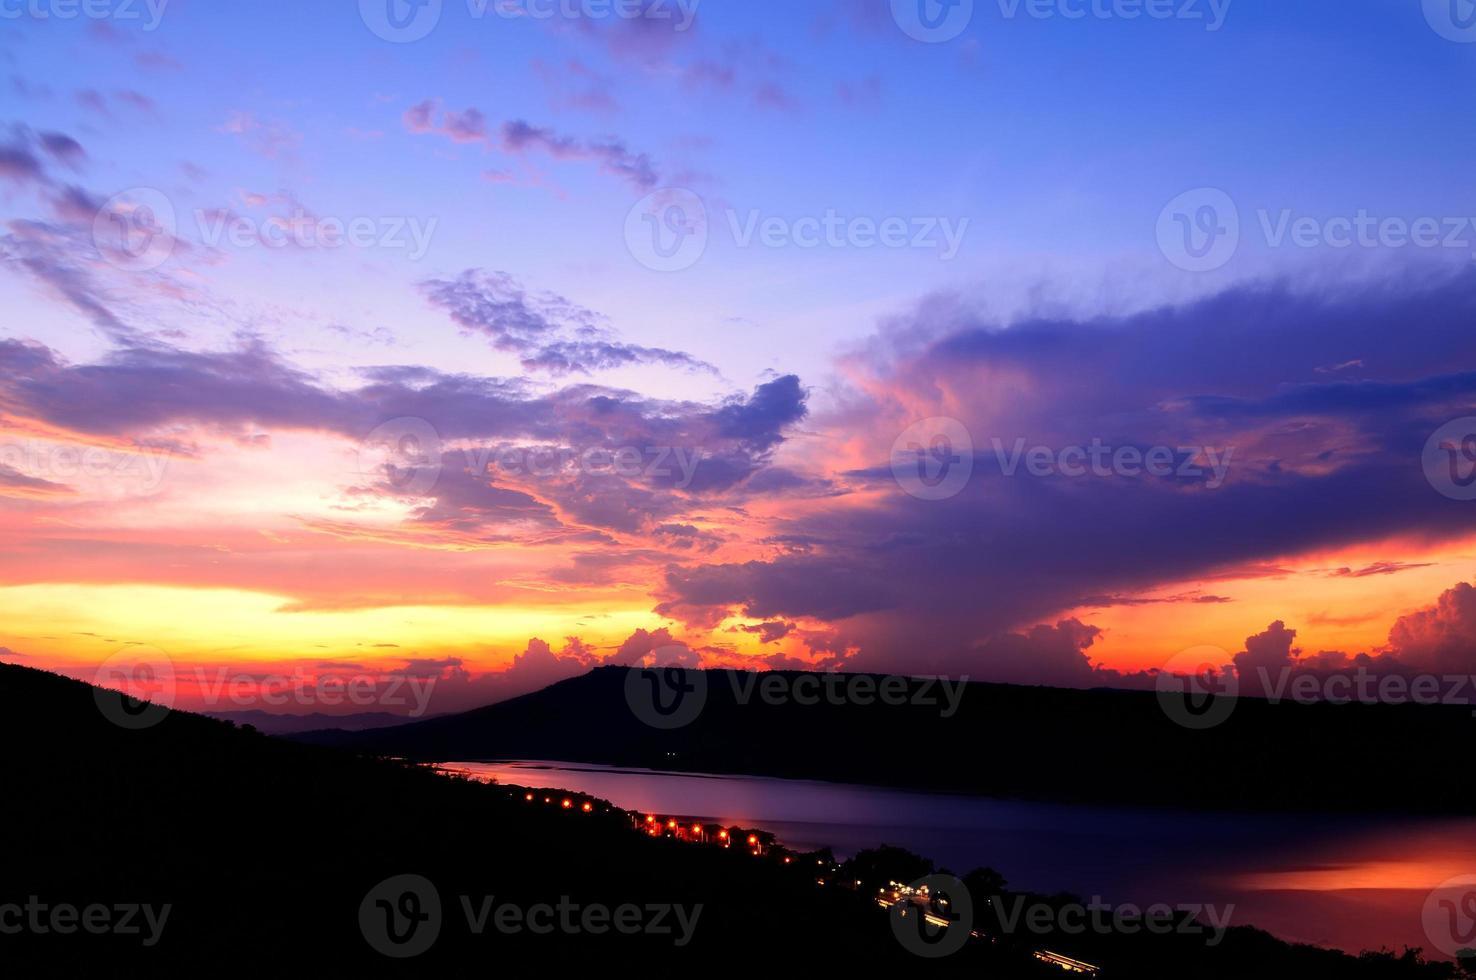 dramático pôr do sol sobre o lago foto